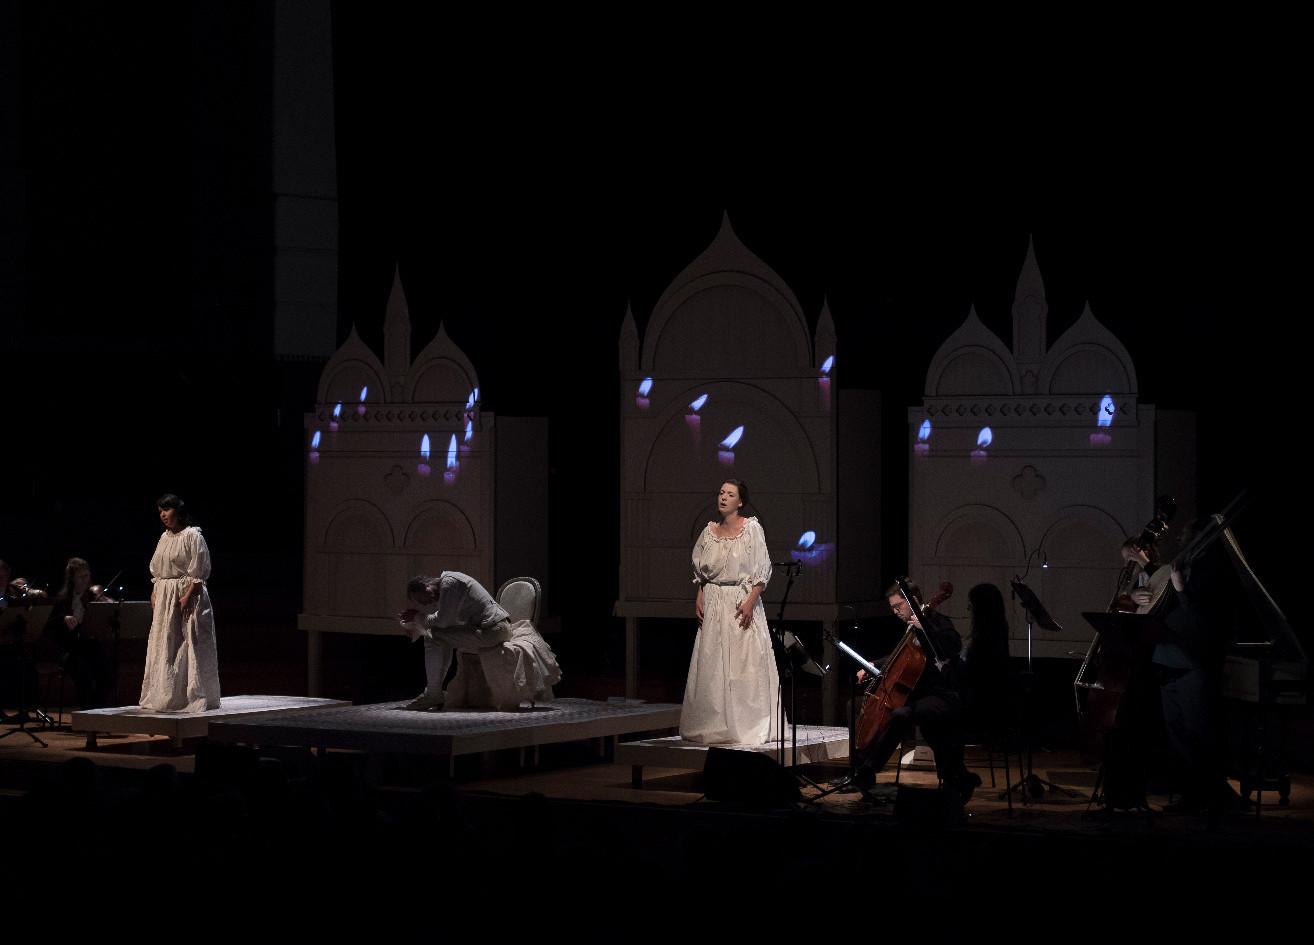 Viva ! - Pièce de Théâtre de Vincent Engel - Festival Musiq3 2017